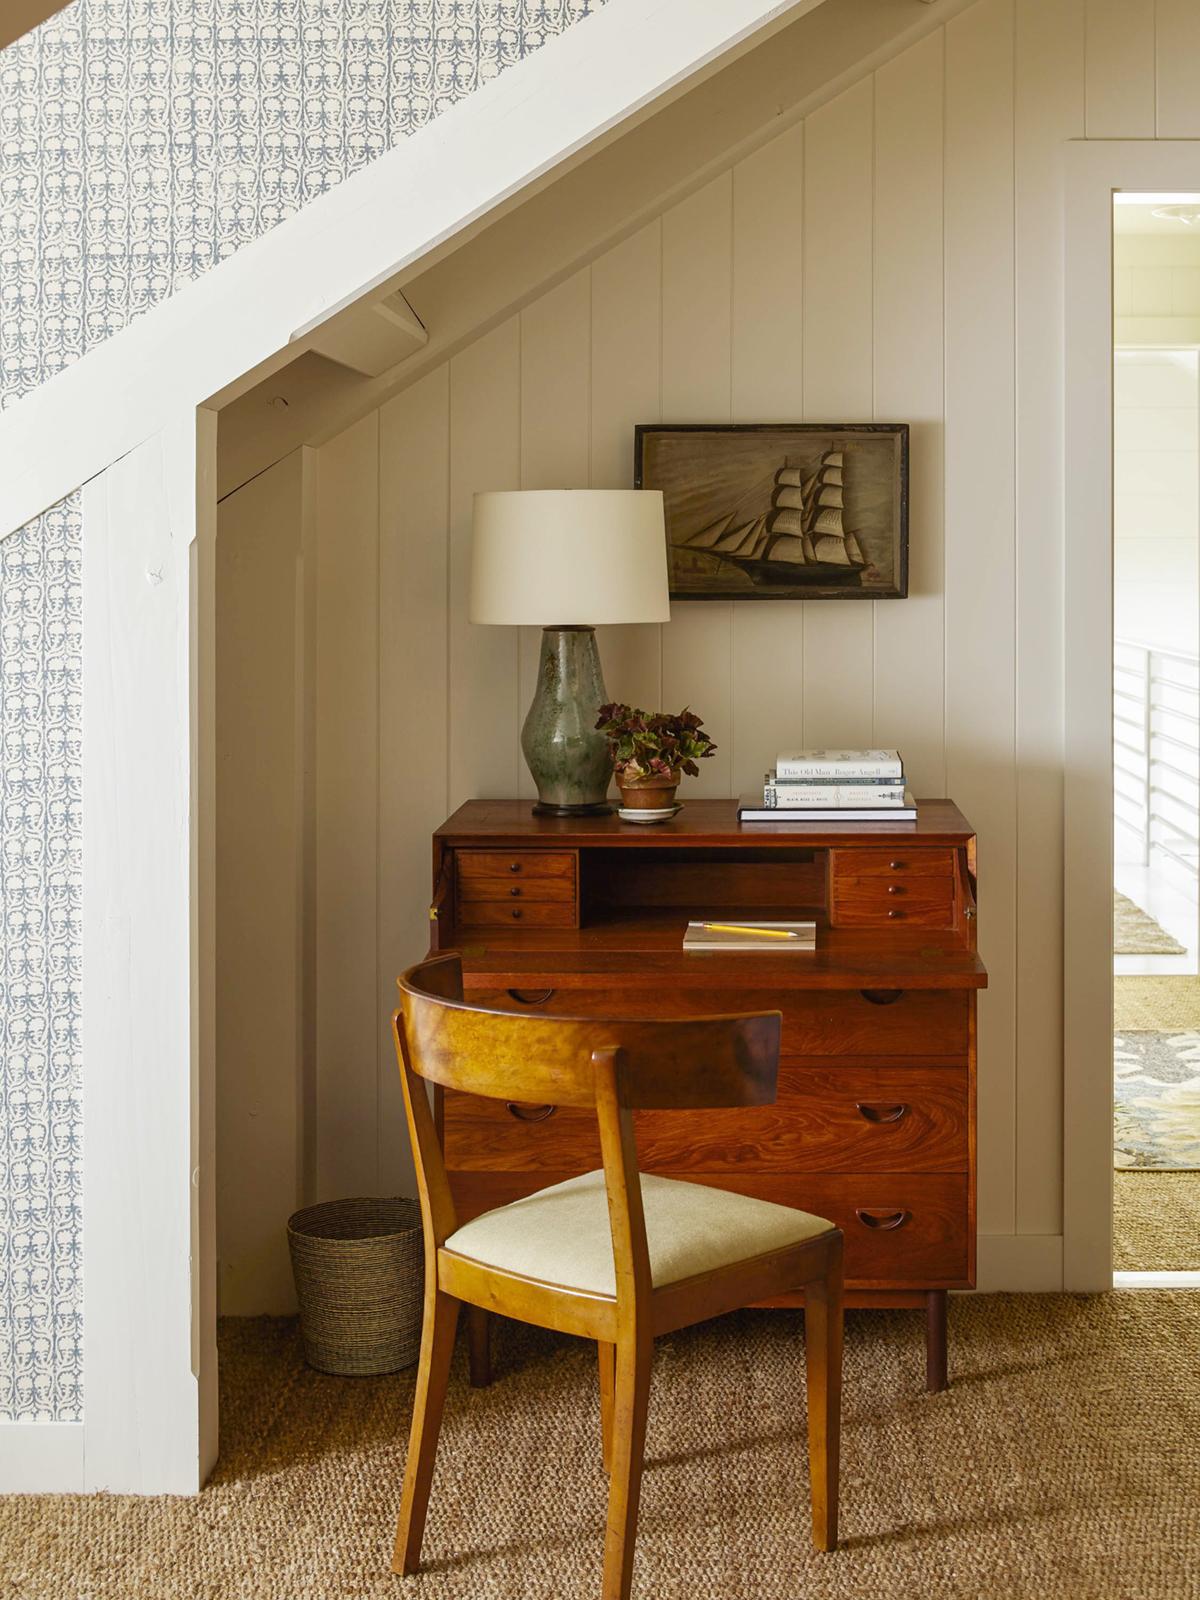 bureau antique dans un coin de grenier | balade en bord de mer à la maison sur coco kelley